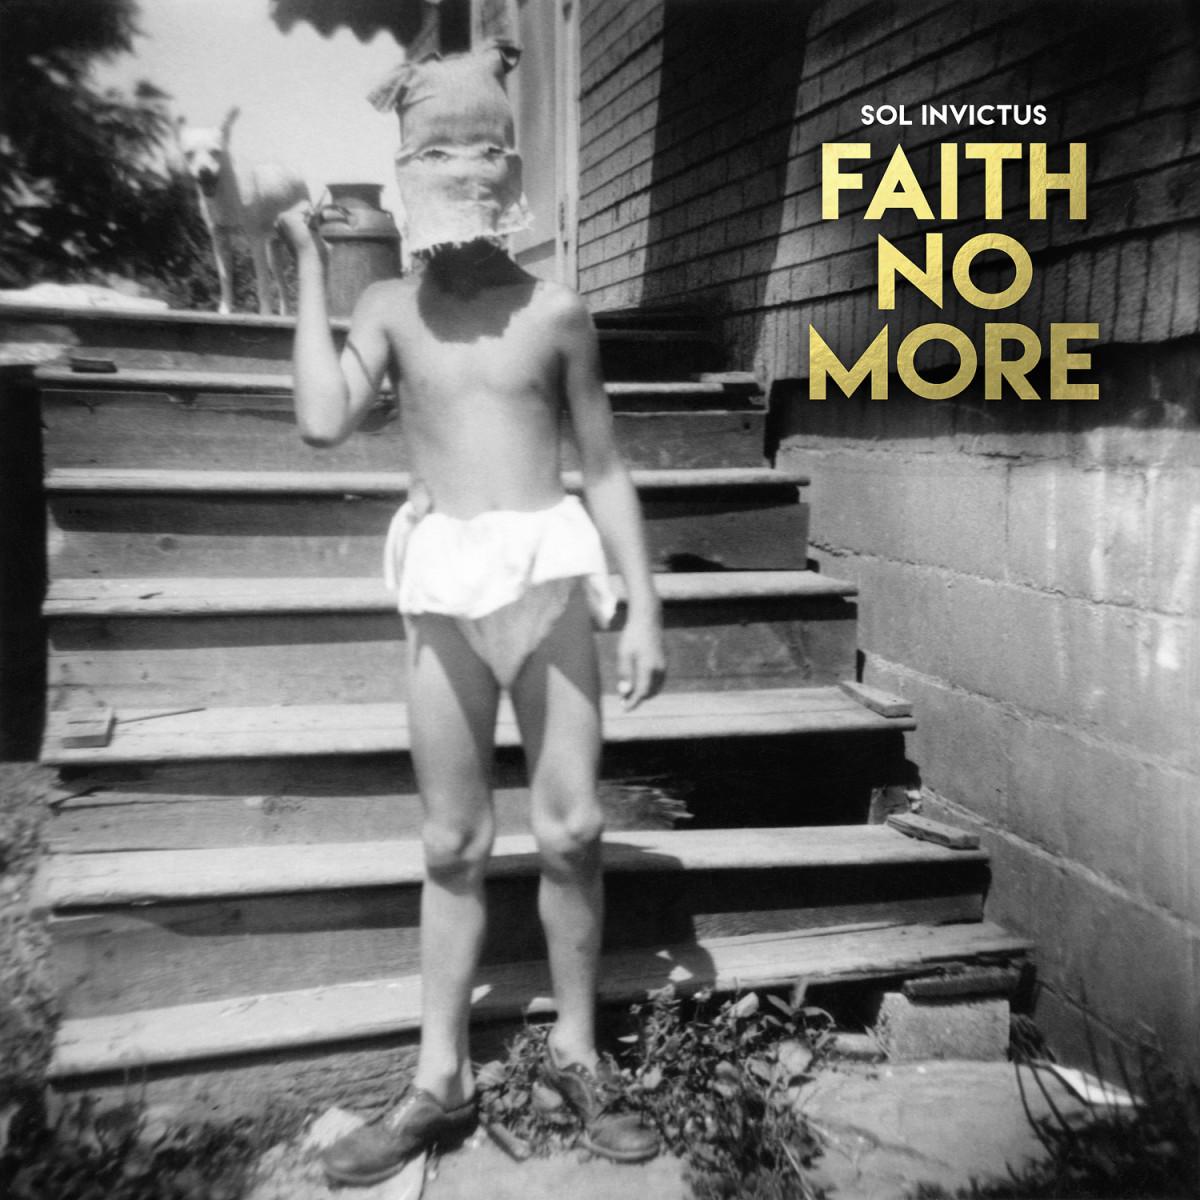 Faith No More – Sol Invictus CD Review